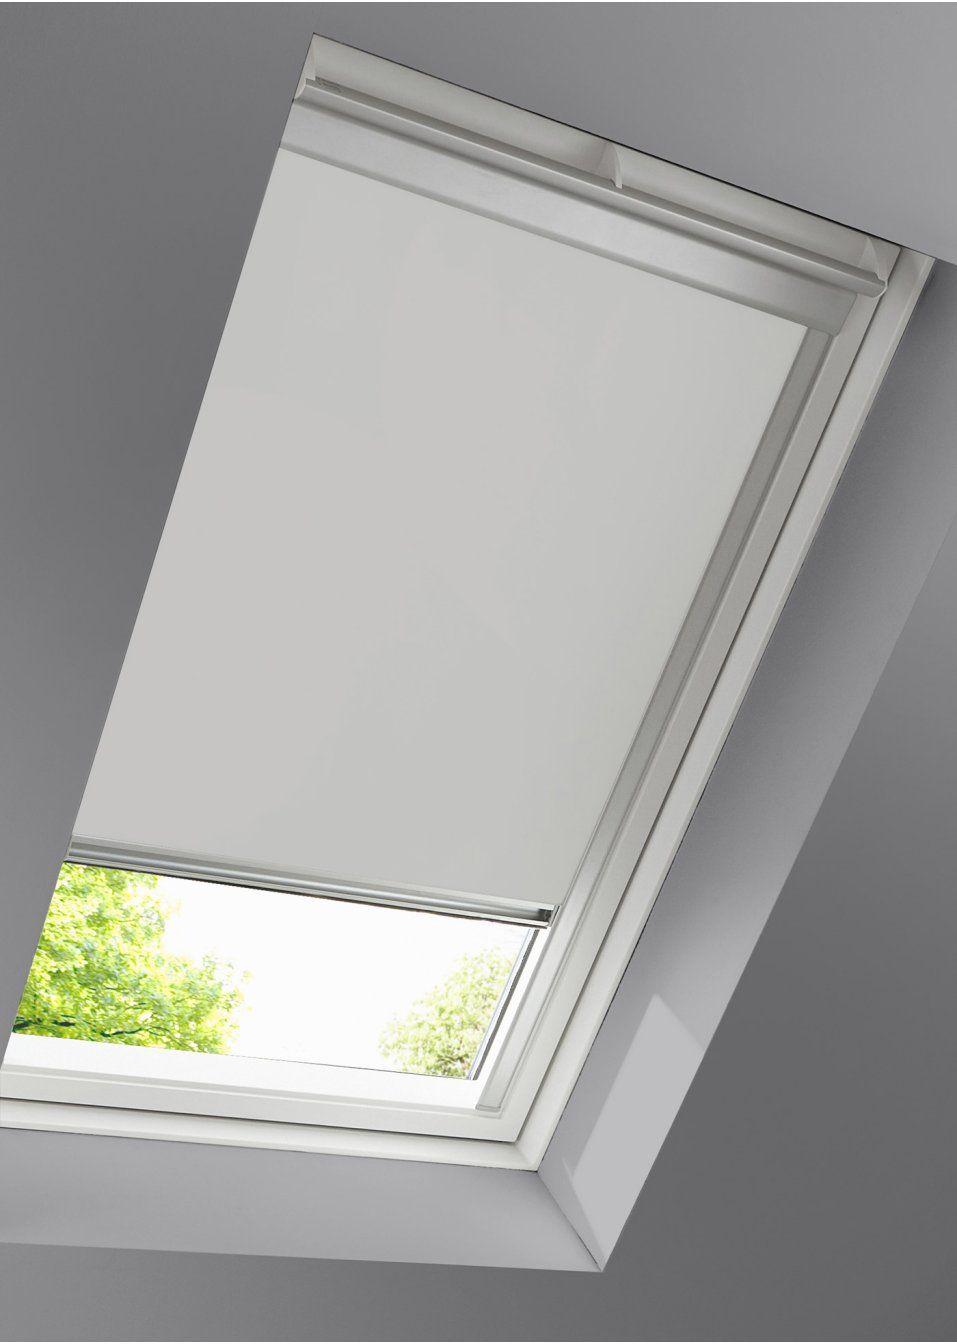 Full Size of Fenster Verdunkeln Dachfenster Rollo Verdunkelung Preisvergleich Zwangsbelüftung Nachrüsten Sonnenschutz Außen Einbruchschutz Schräge Abdunkeln Fenster Fenster Verdunkeln